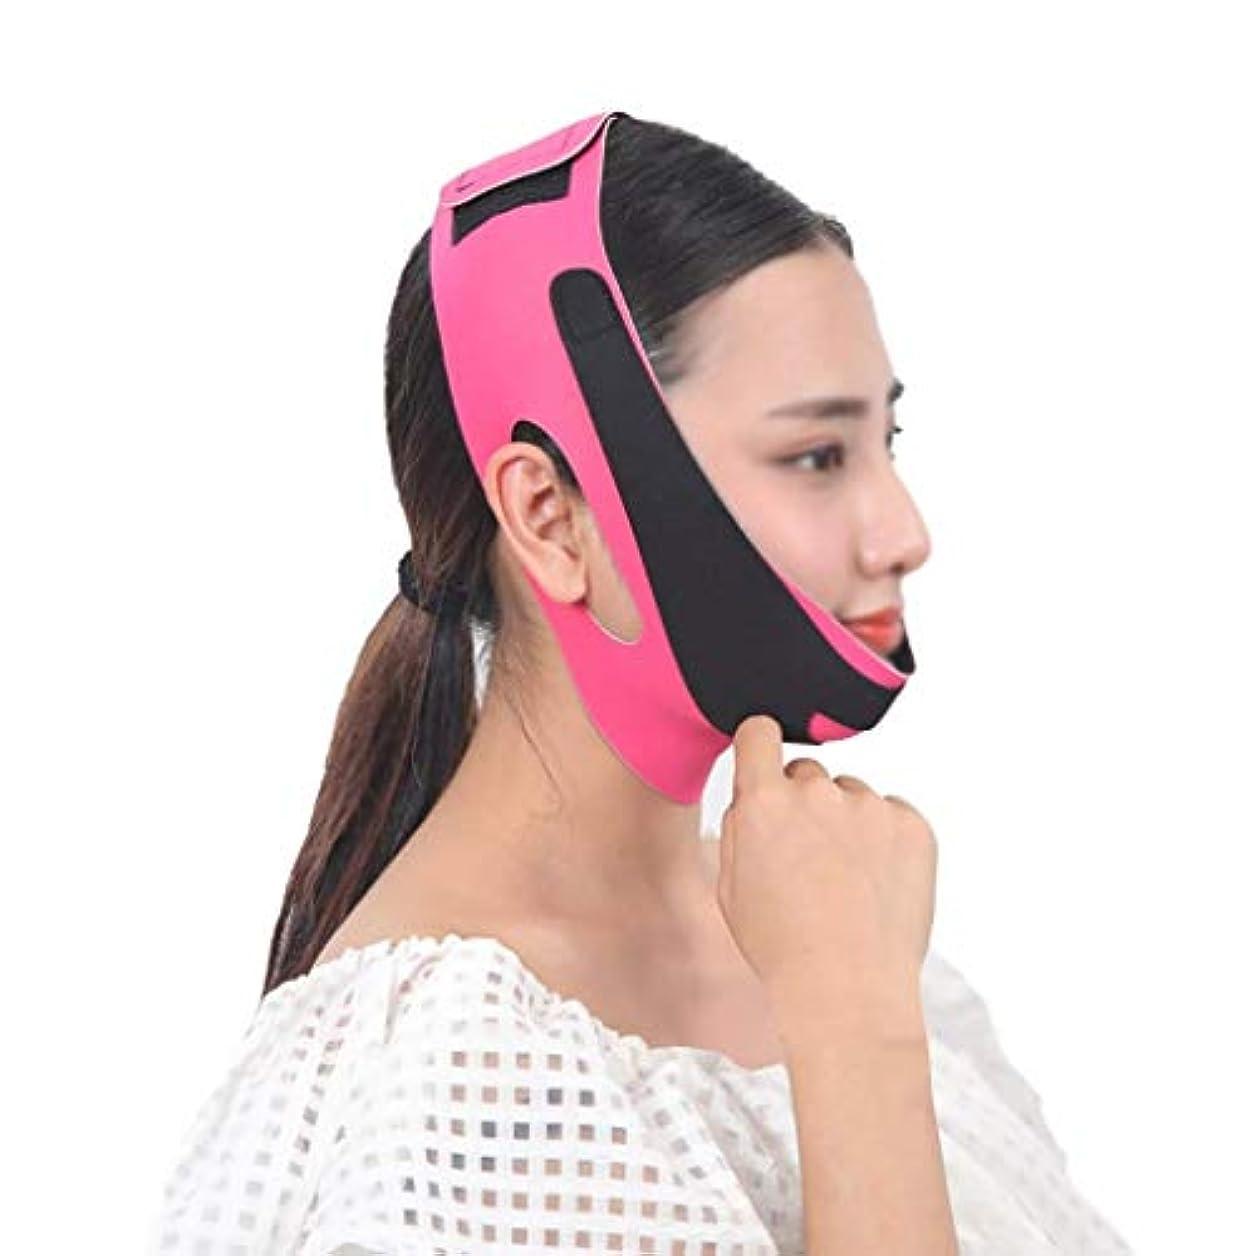 に沿って不機嫌そうな振り返る顔と首のリフト術後の弾性フェイスマスク小V顔アーティファクト薄い顔包帯アーティファクトV顔吊り耳リフティング引き締め薄い顔アーティファクト